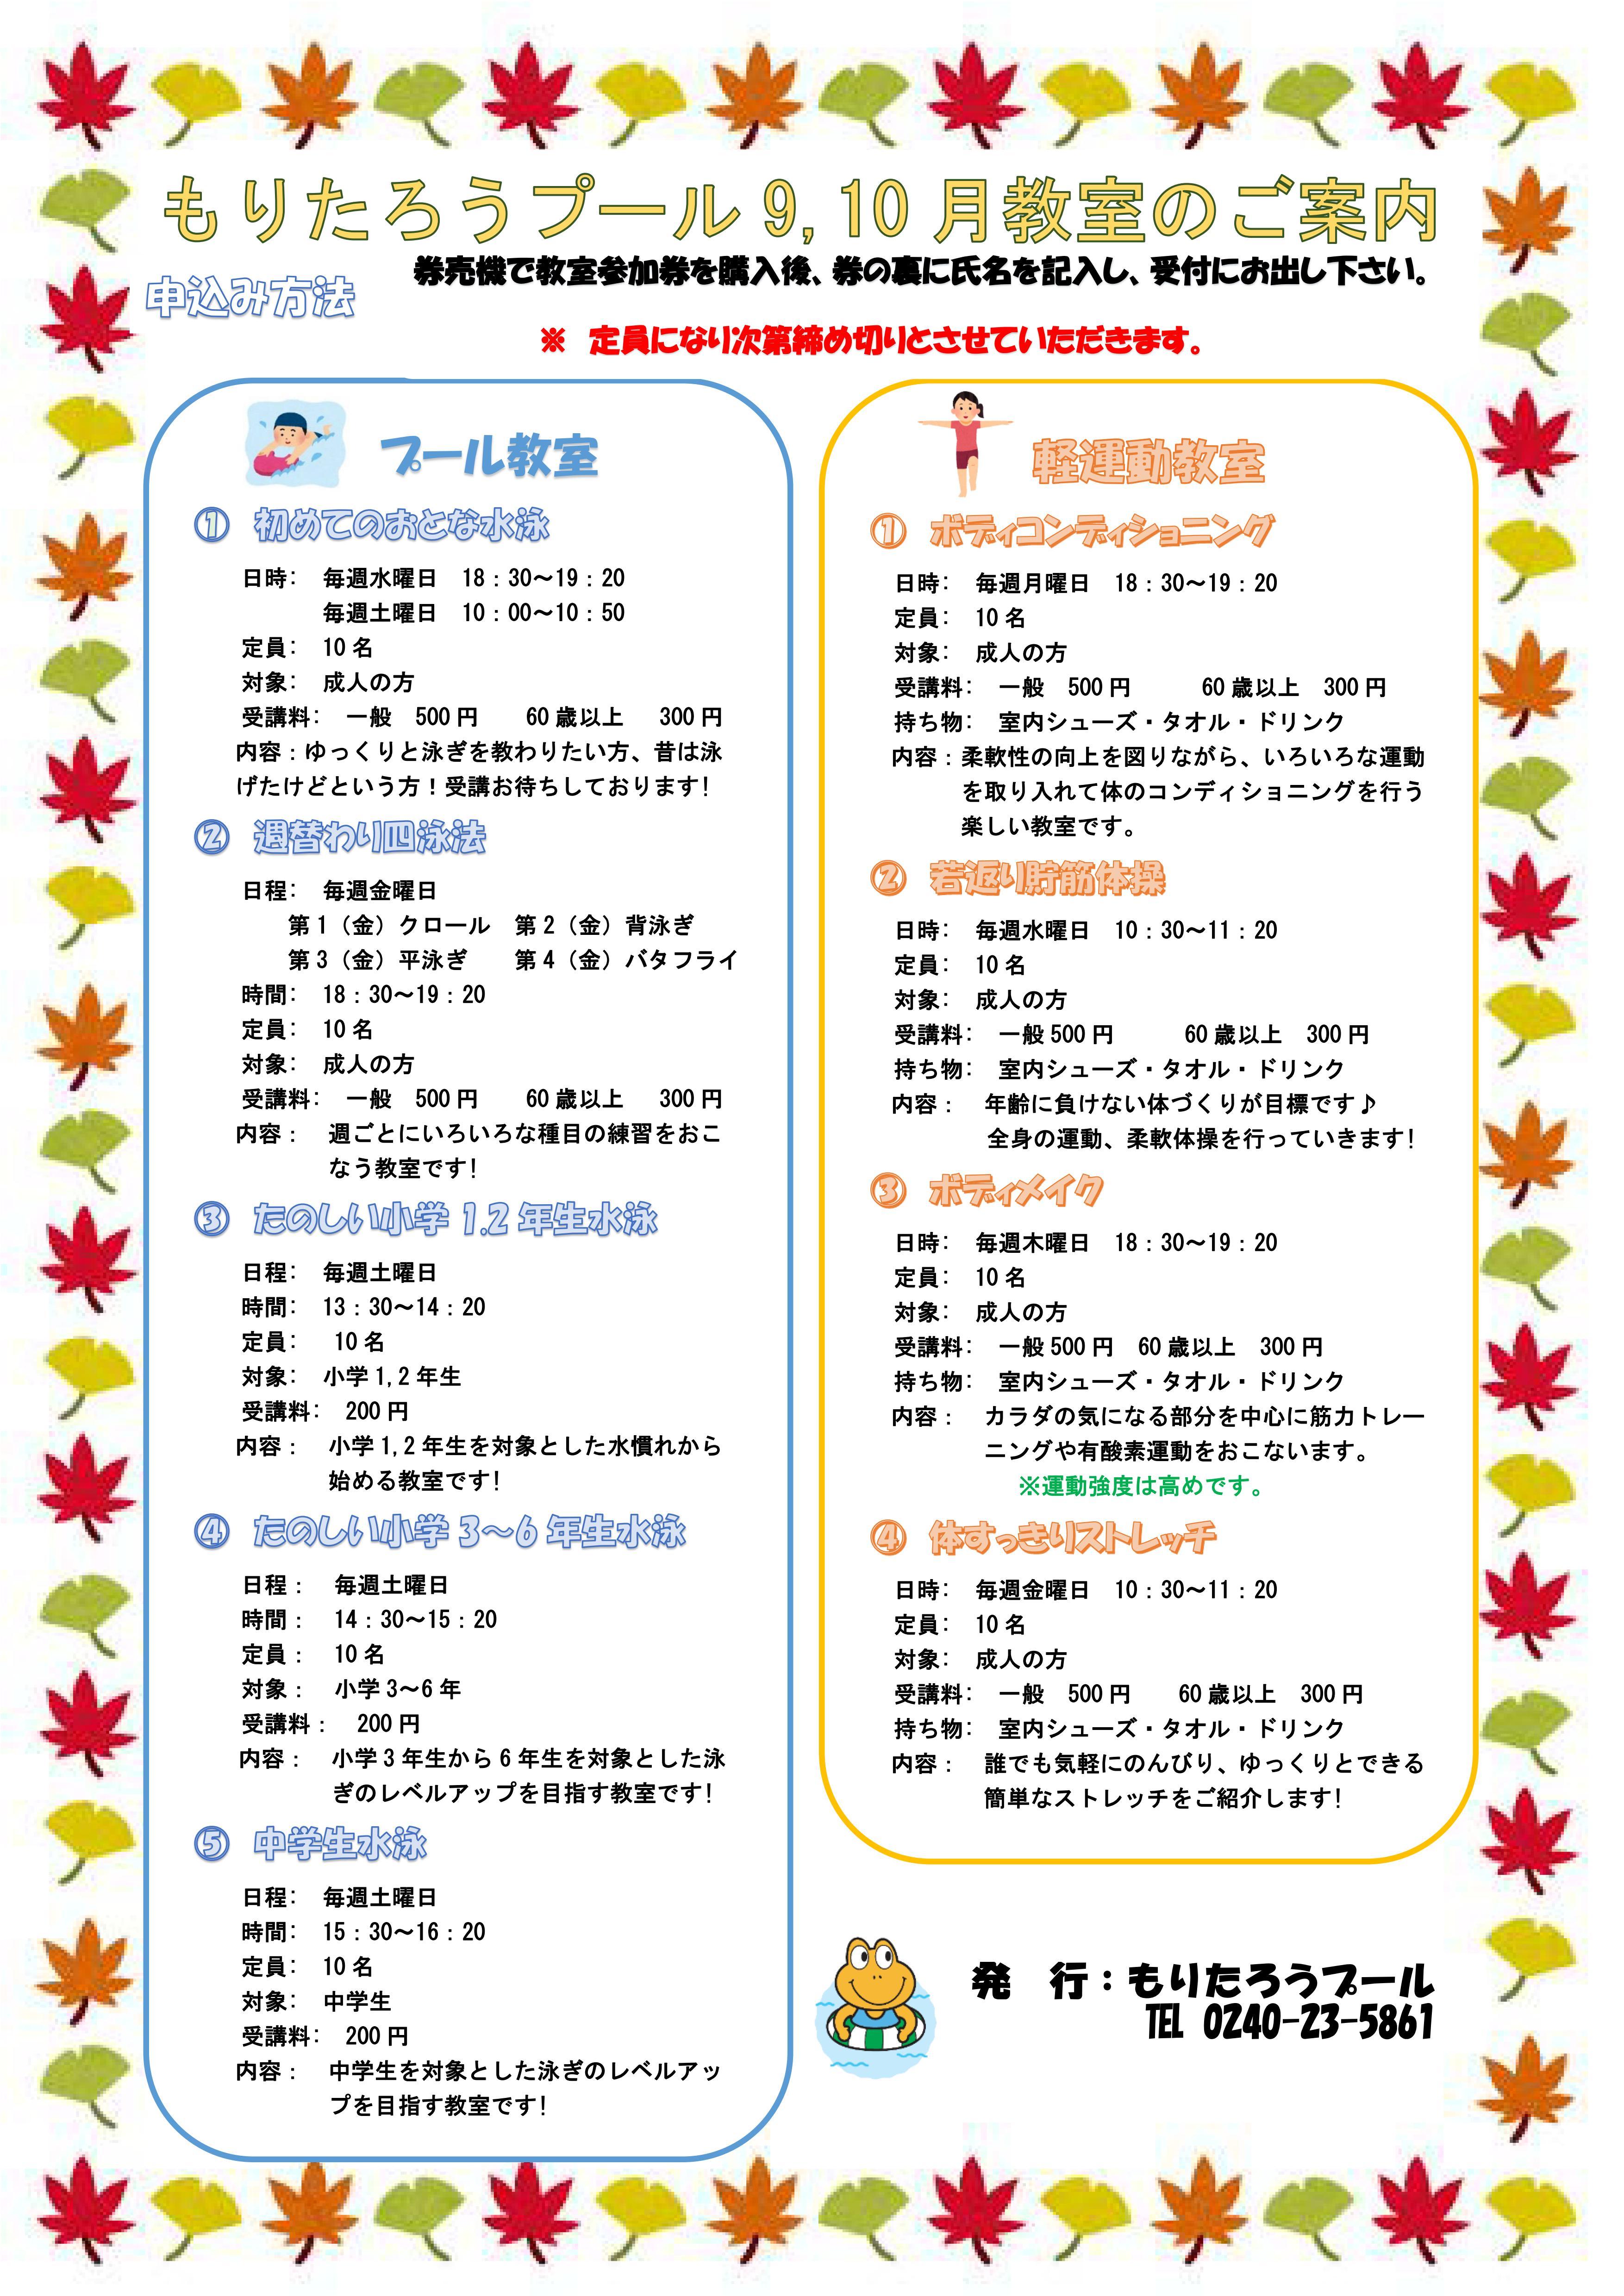 若返り貯筋体操・らくらくアクアウォーキング・リズムアクア・初めてのおとな水泳(2018年9,10月) @ 川内村室内型村民プール(もりたろうプール) | 川内村 | 福島県 | 日本